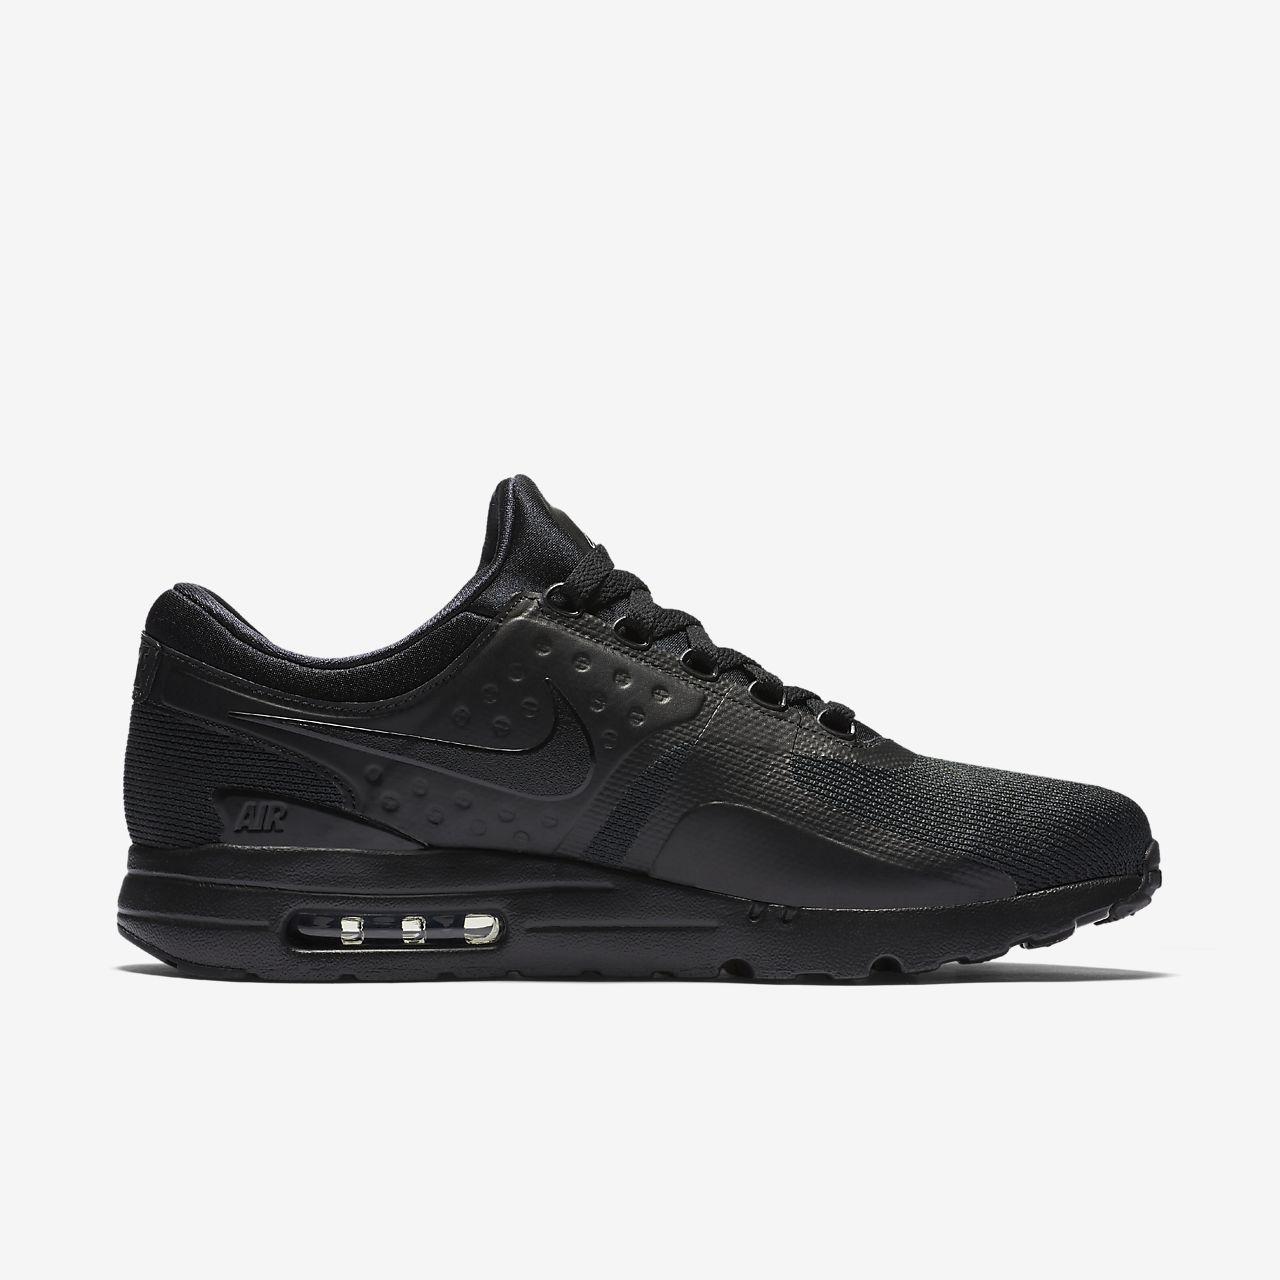 promo code 3135b 4f197 Guter Service Nike Air Max Zero Damen Schuhe. adidas schuhe geschäft adidas  originals ...